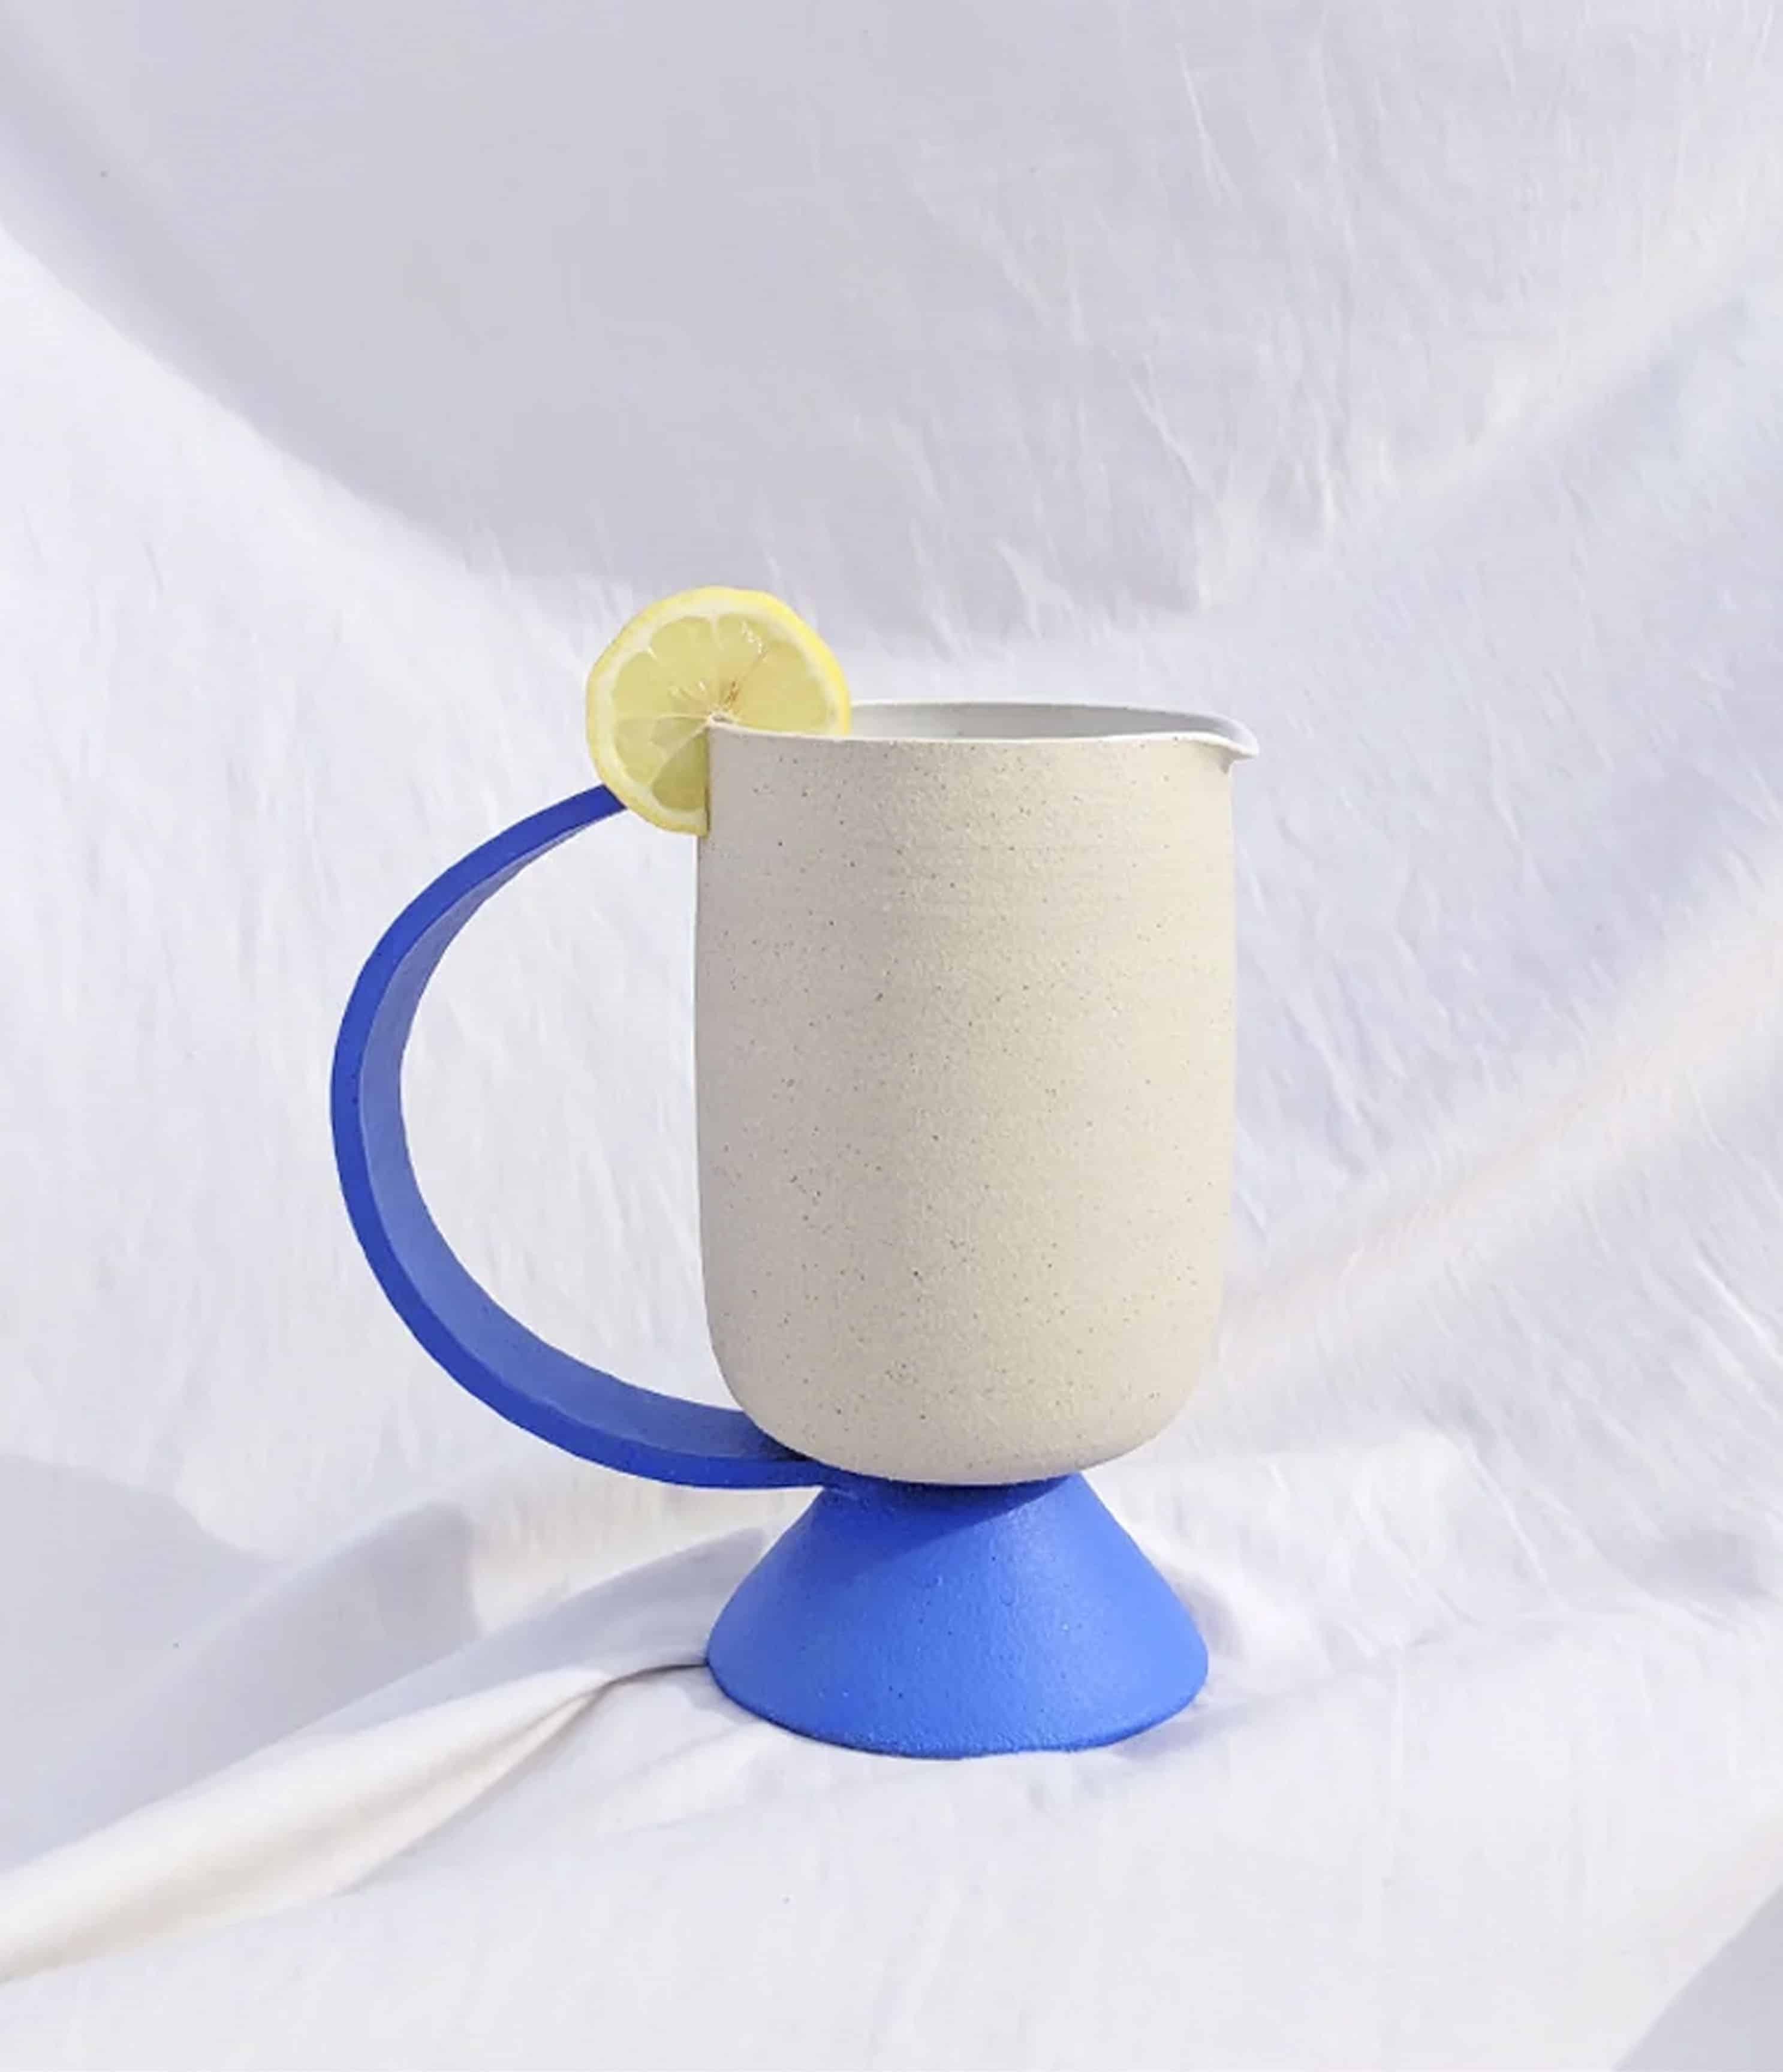 milo made ceramic jug